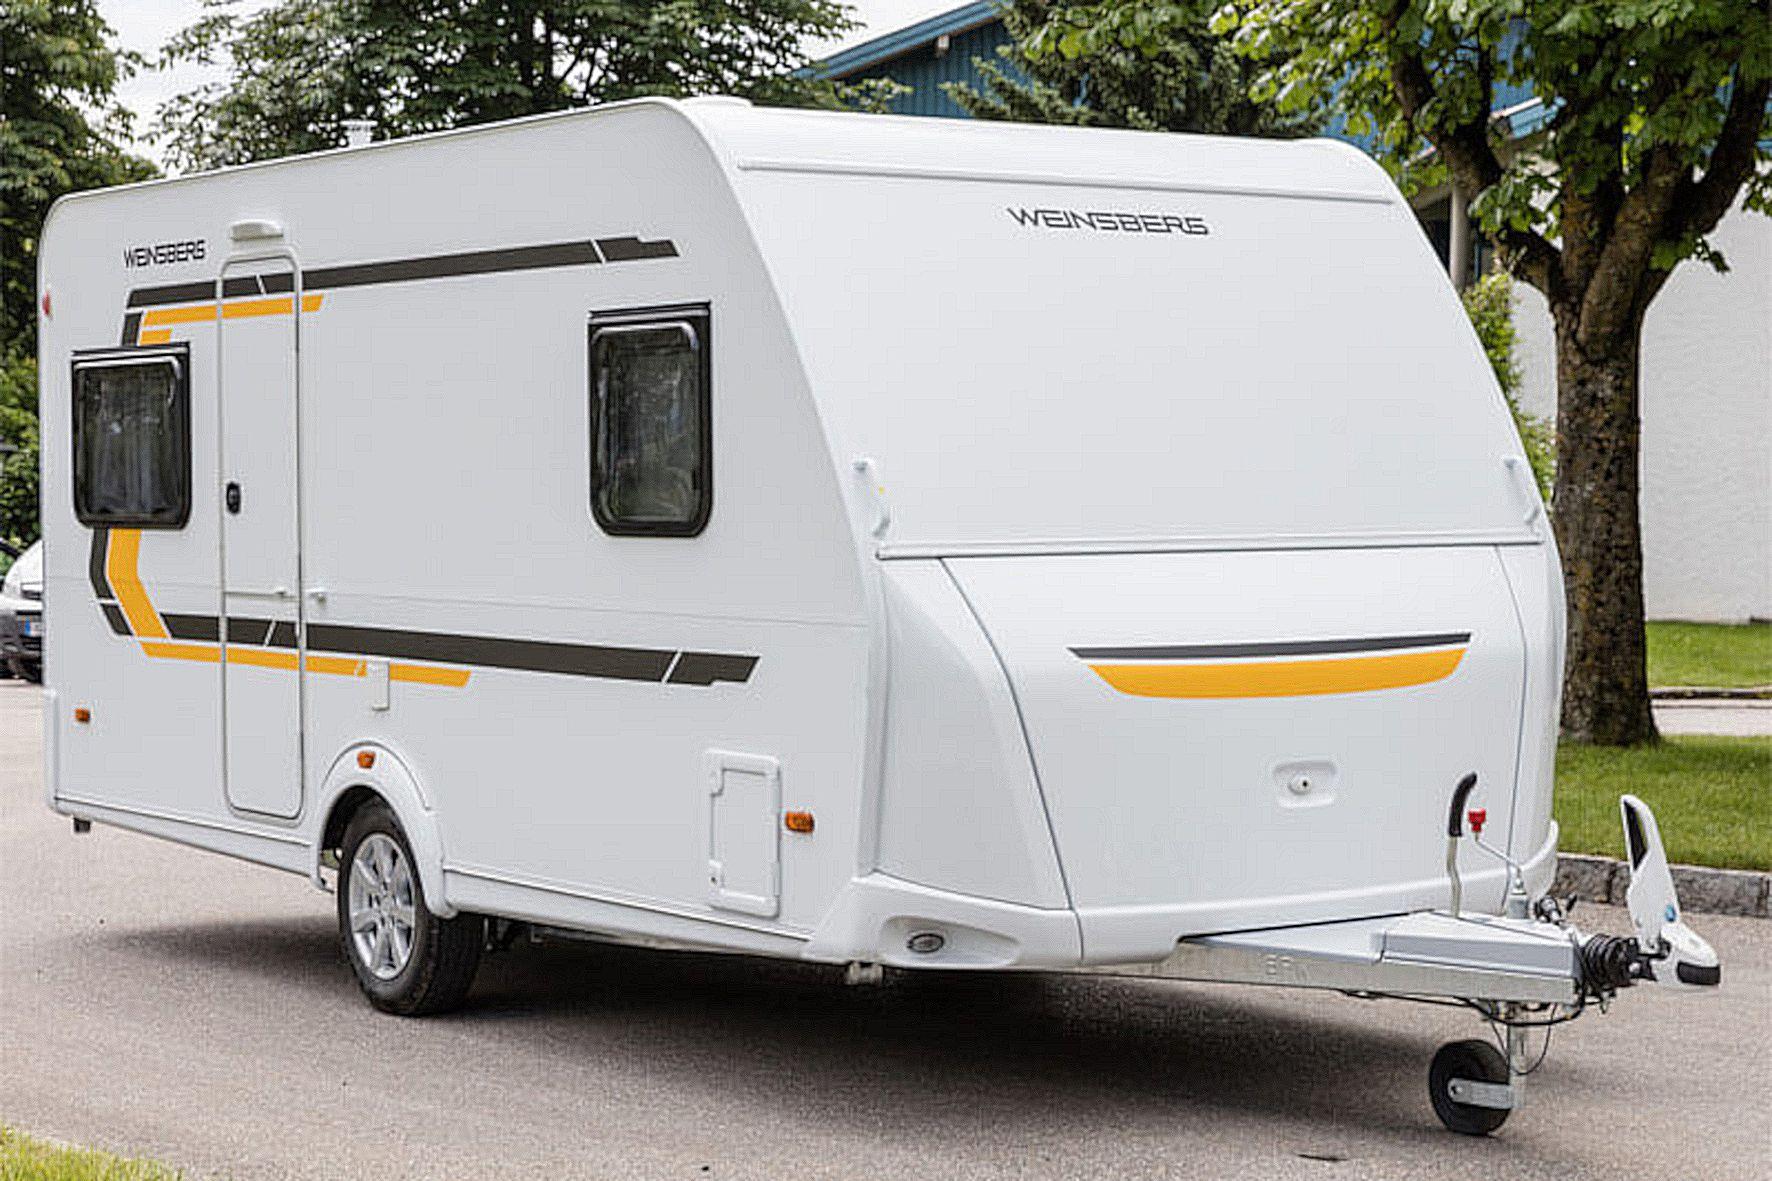 Campingwagen sind als Dauerparker auf öffentlichen Straßen nicht gerne gesehen